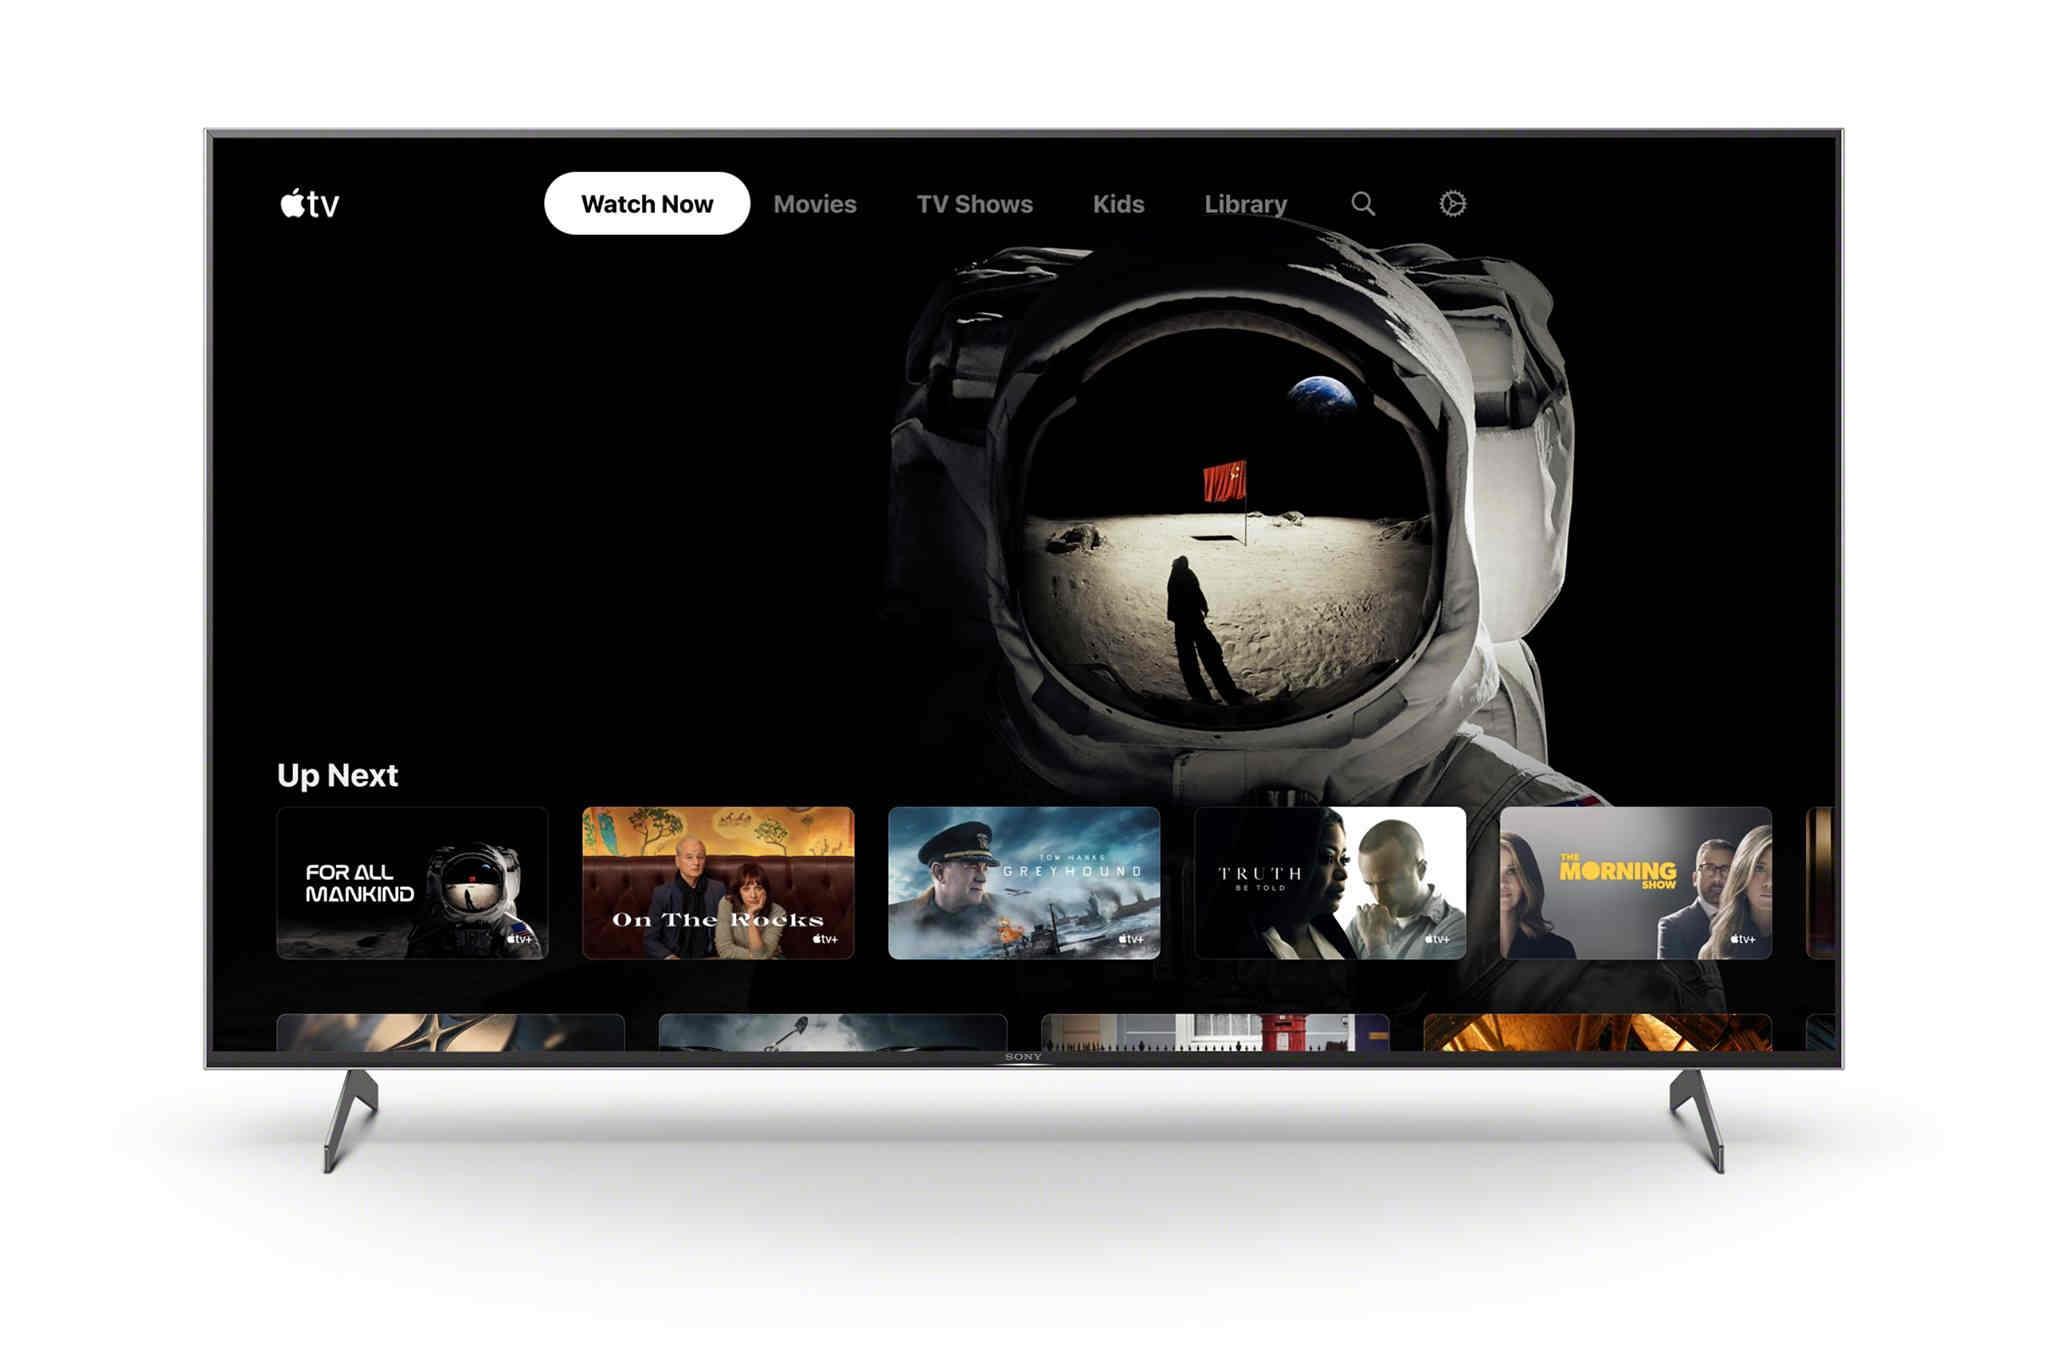 TV Sony chính thức hỗ trợ dịch vụ streaming video Apple TV+